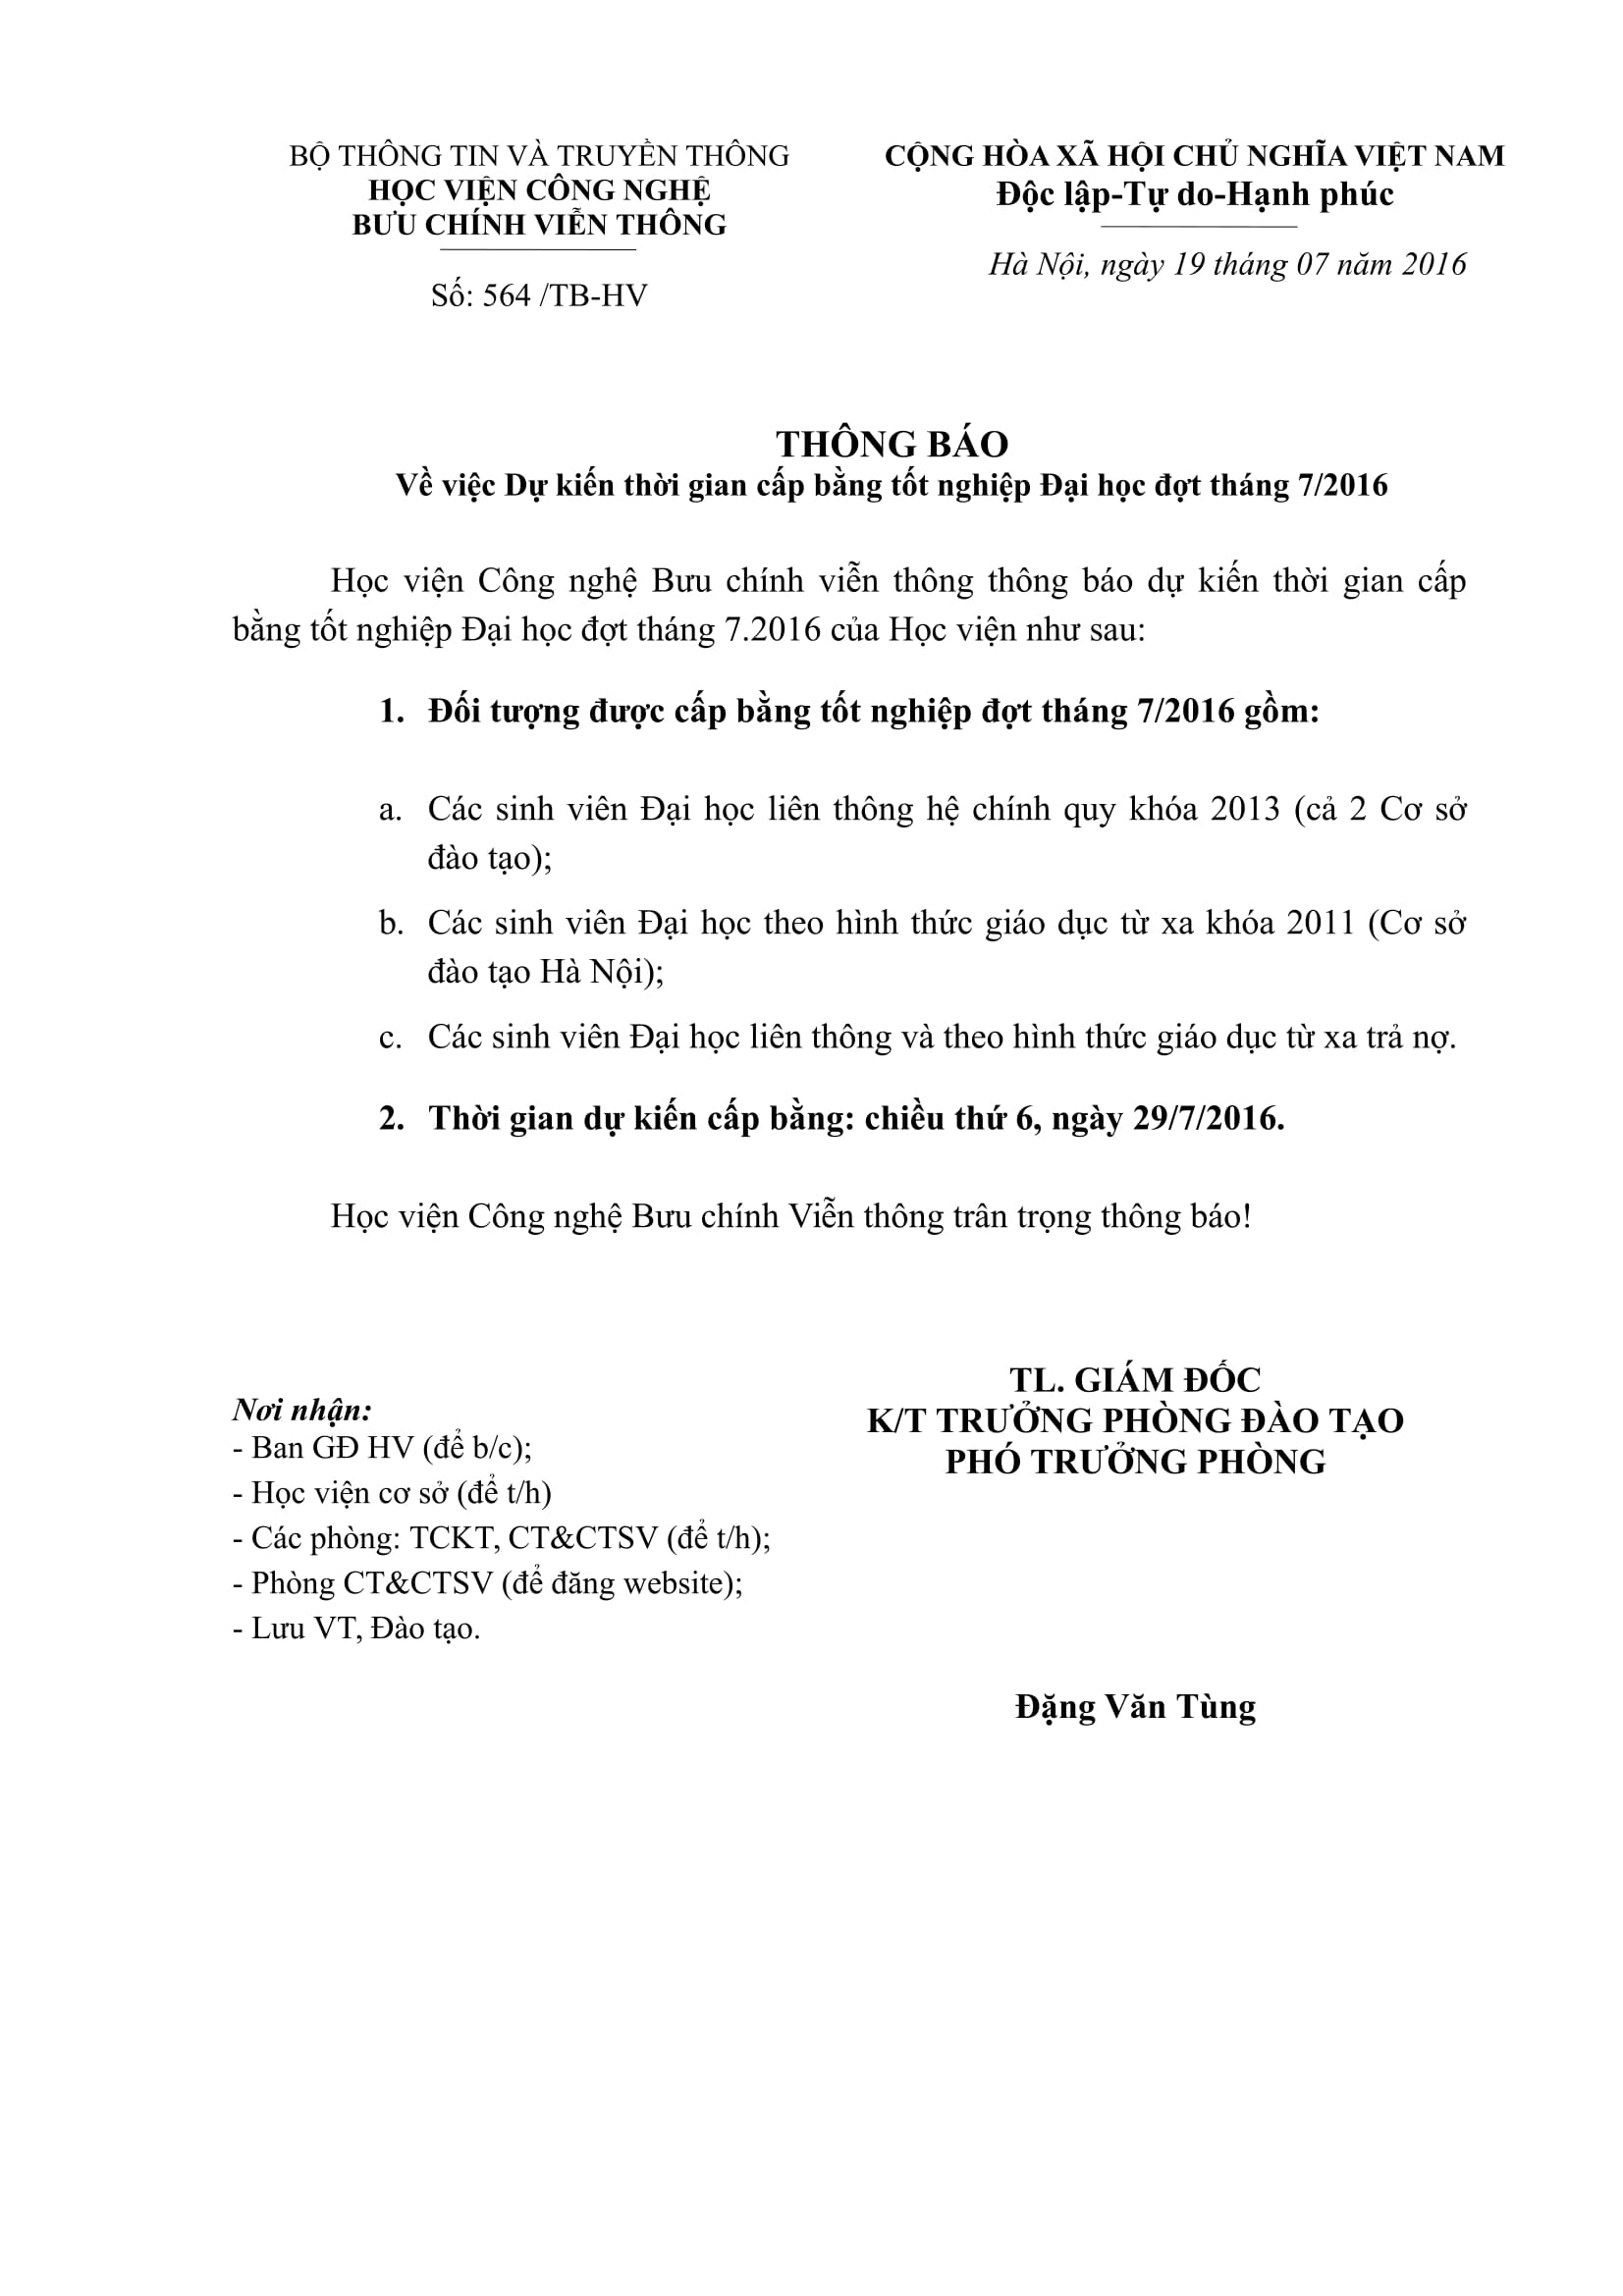 Thong_bao_co_bang-T7. 2016 DH-1